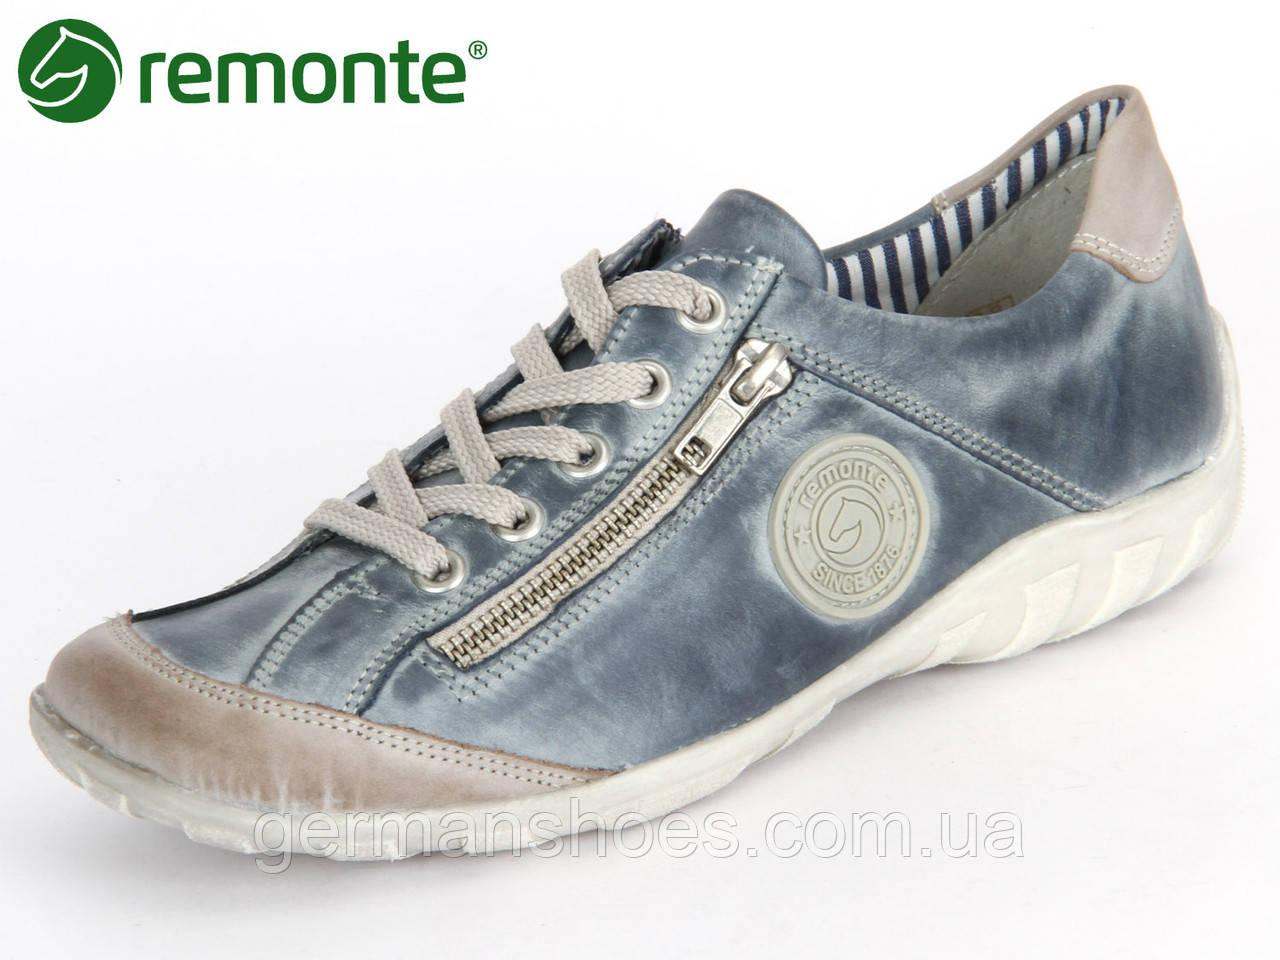 Кроссовки женские Remonte R3408-15